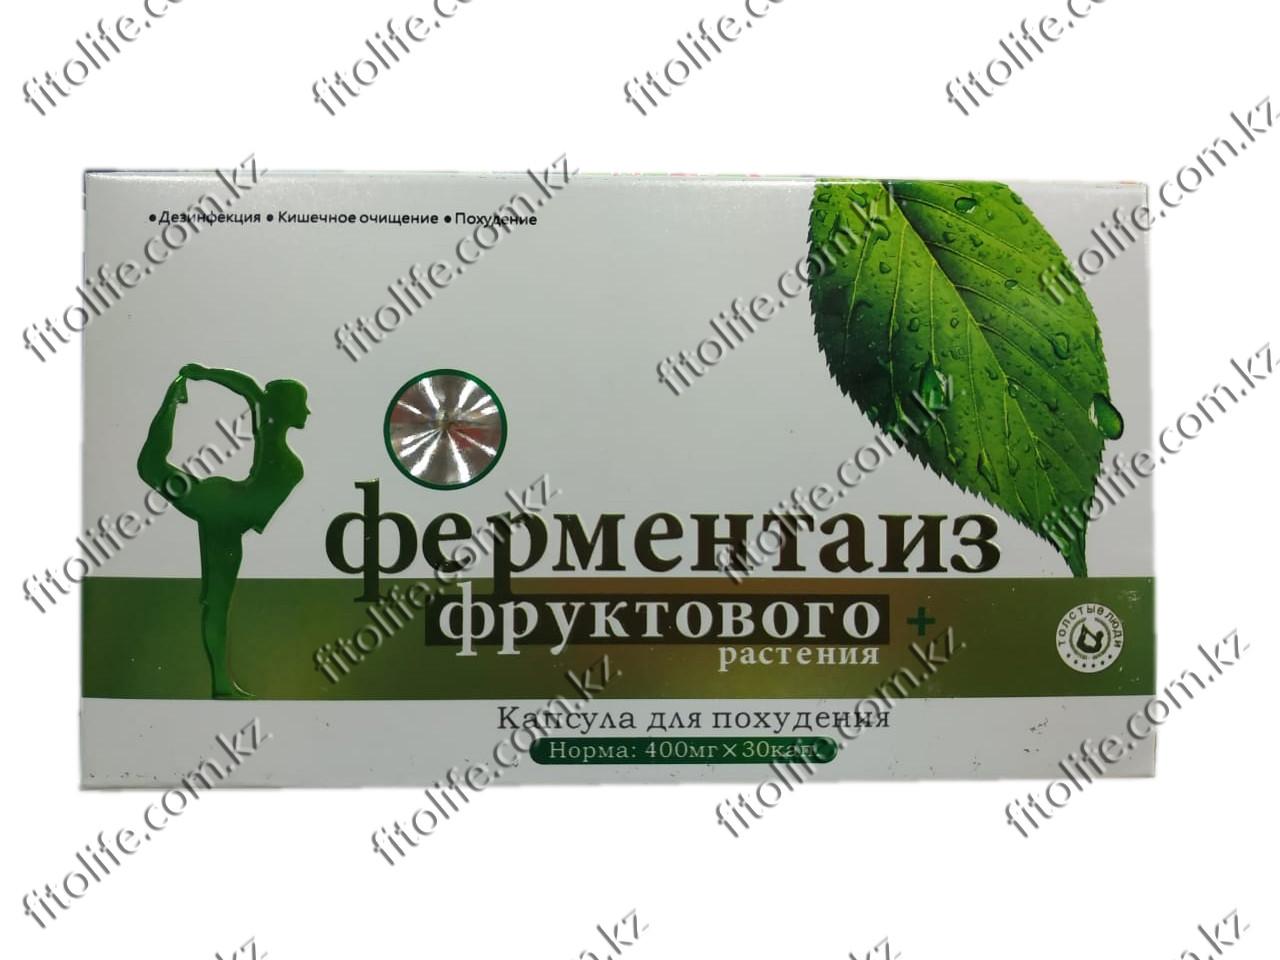 Фермента из фруктового растения для похудения